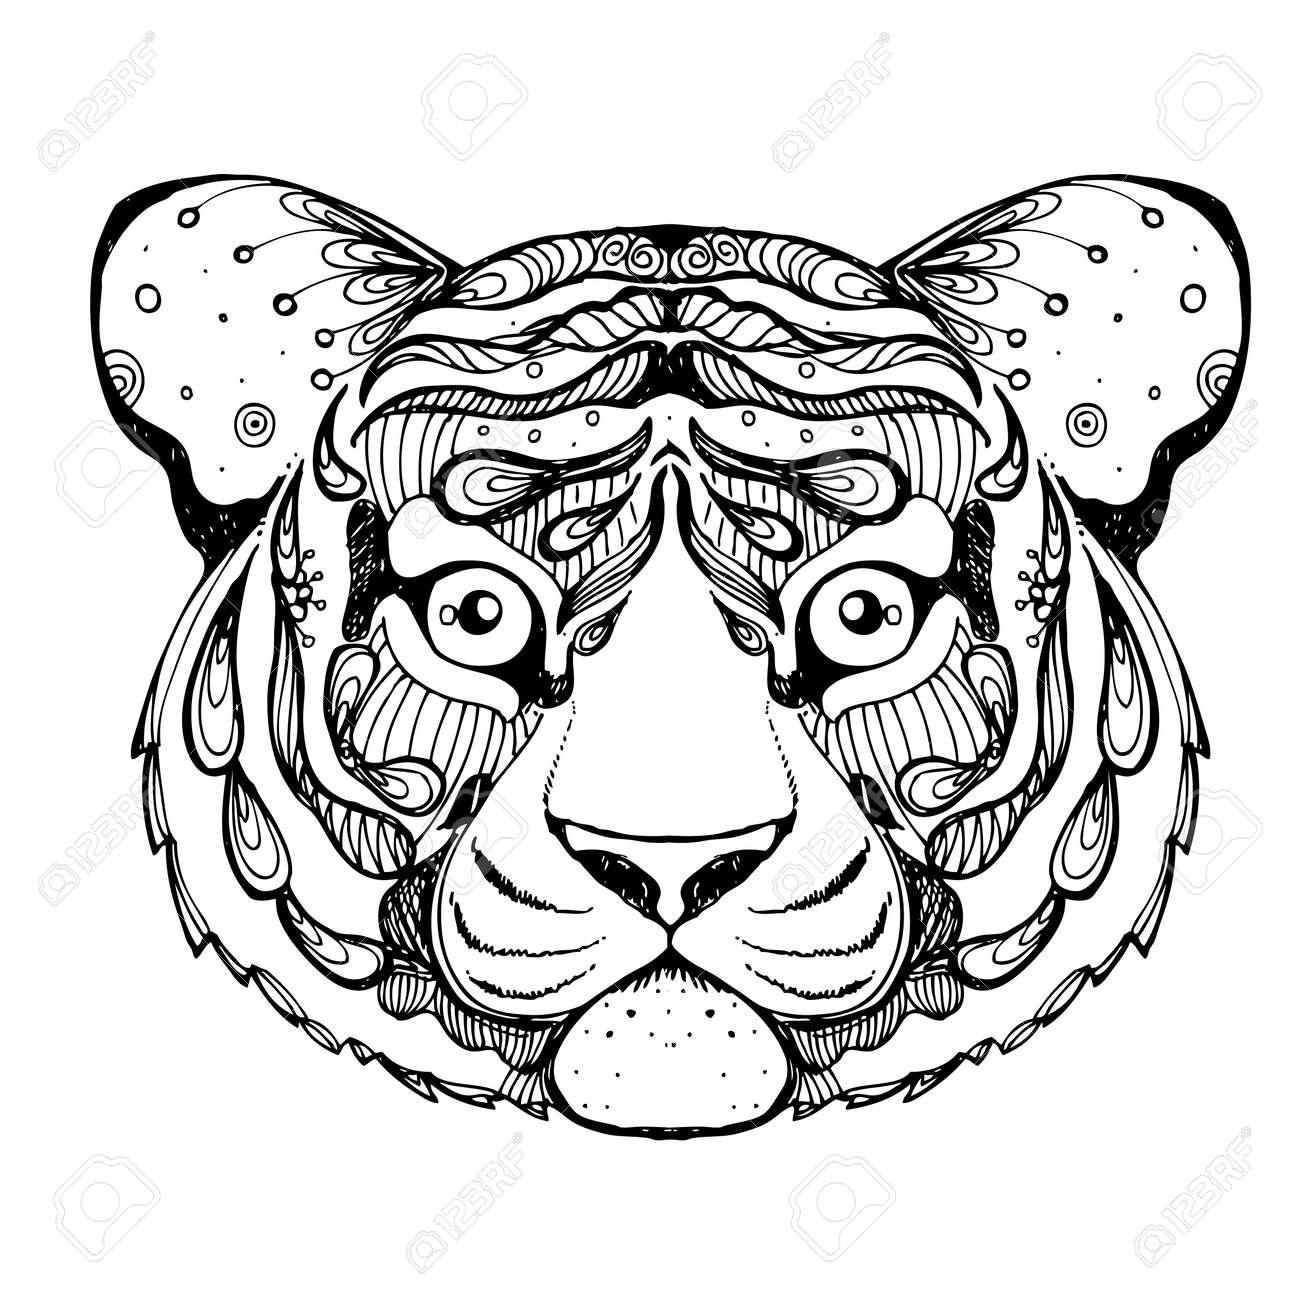 Dibujado A Mano Doodle De La Tinta Del Tigre En El Fondo Blanco ...